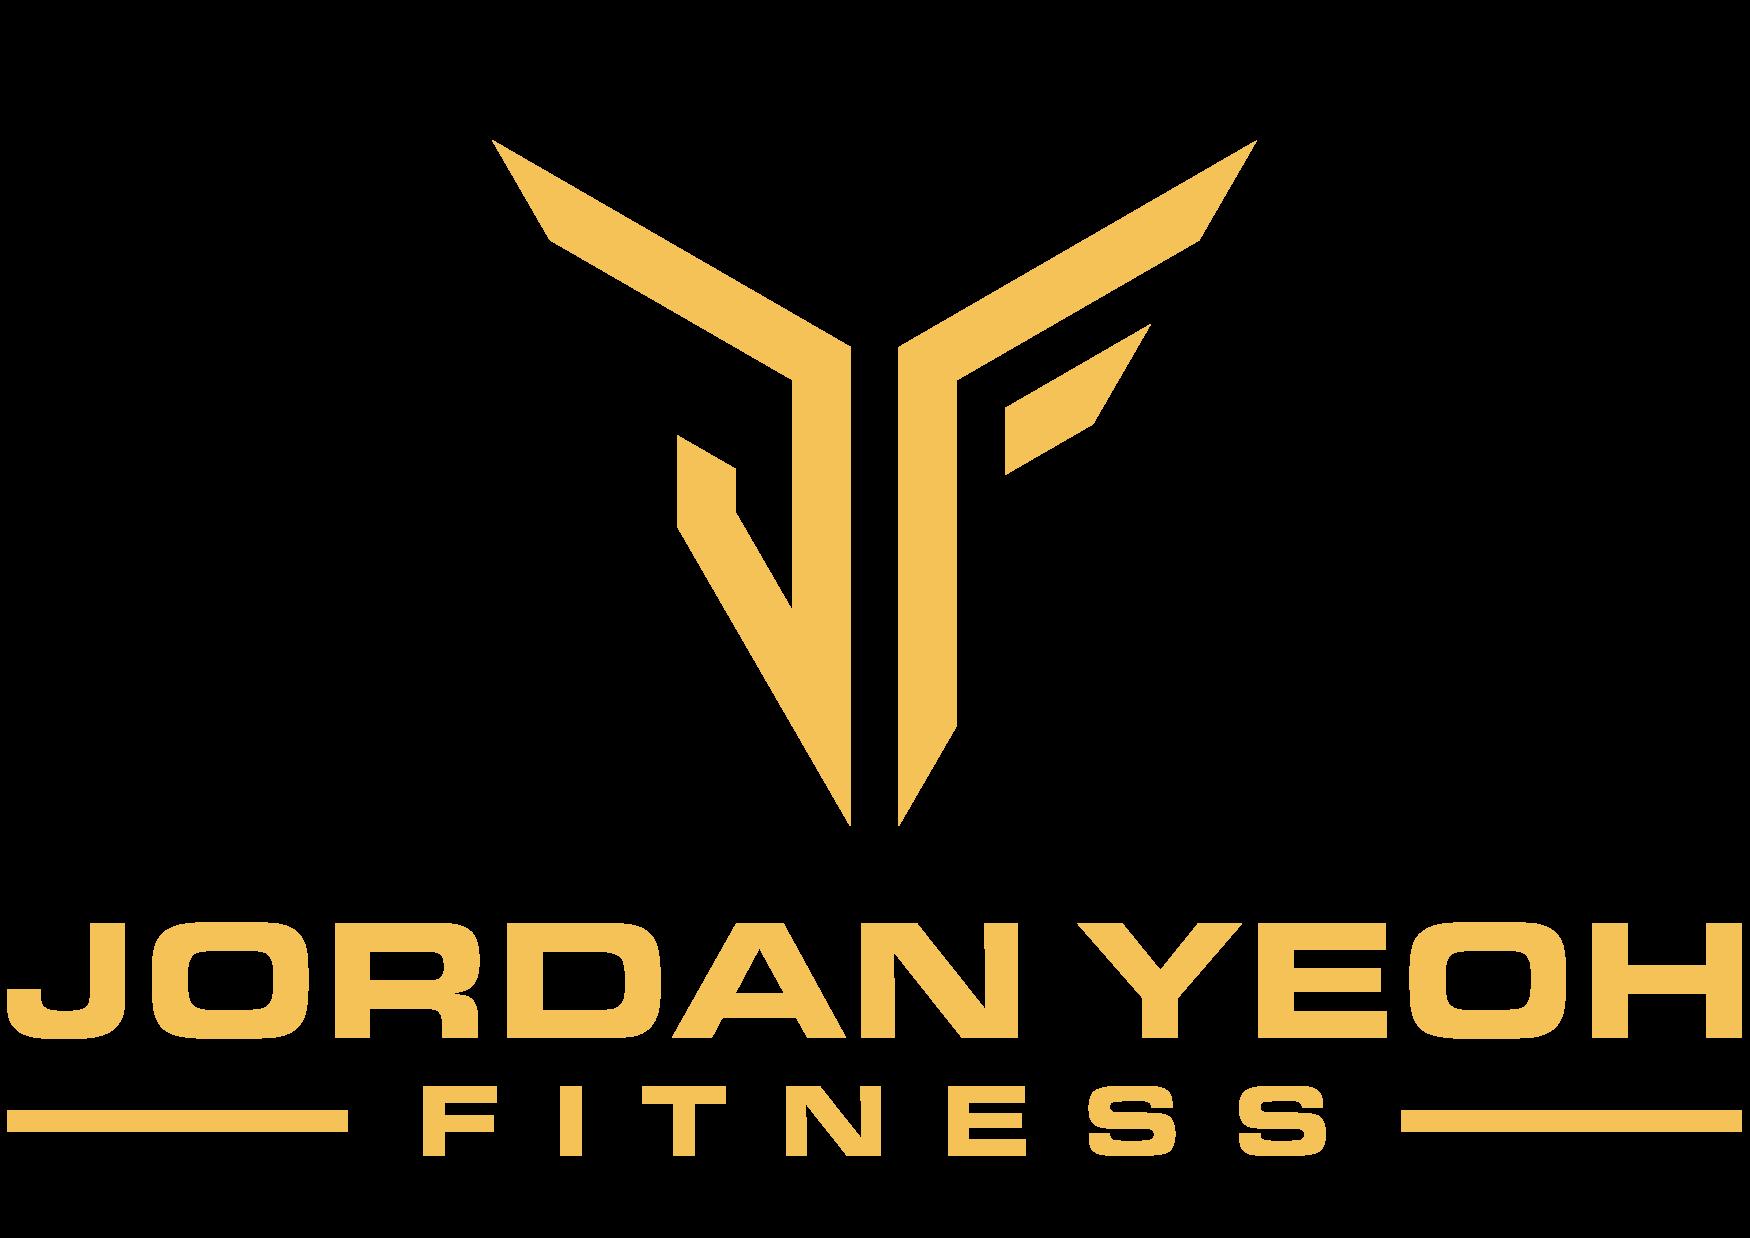 Jordan Yeoh